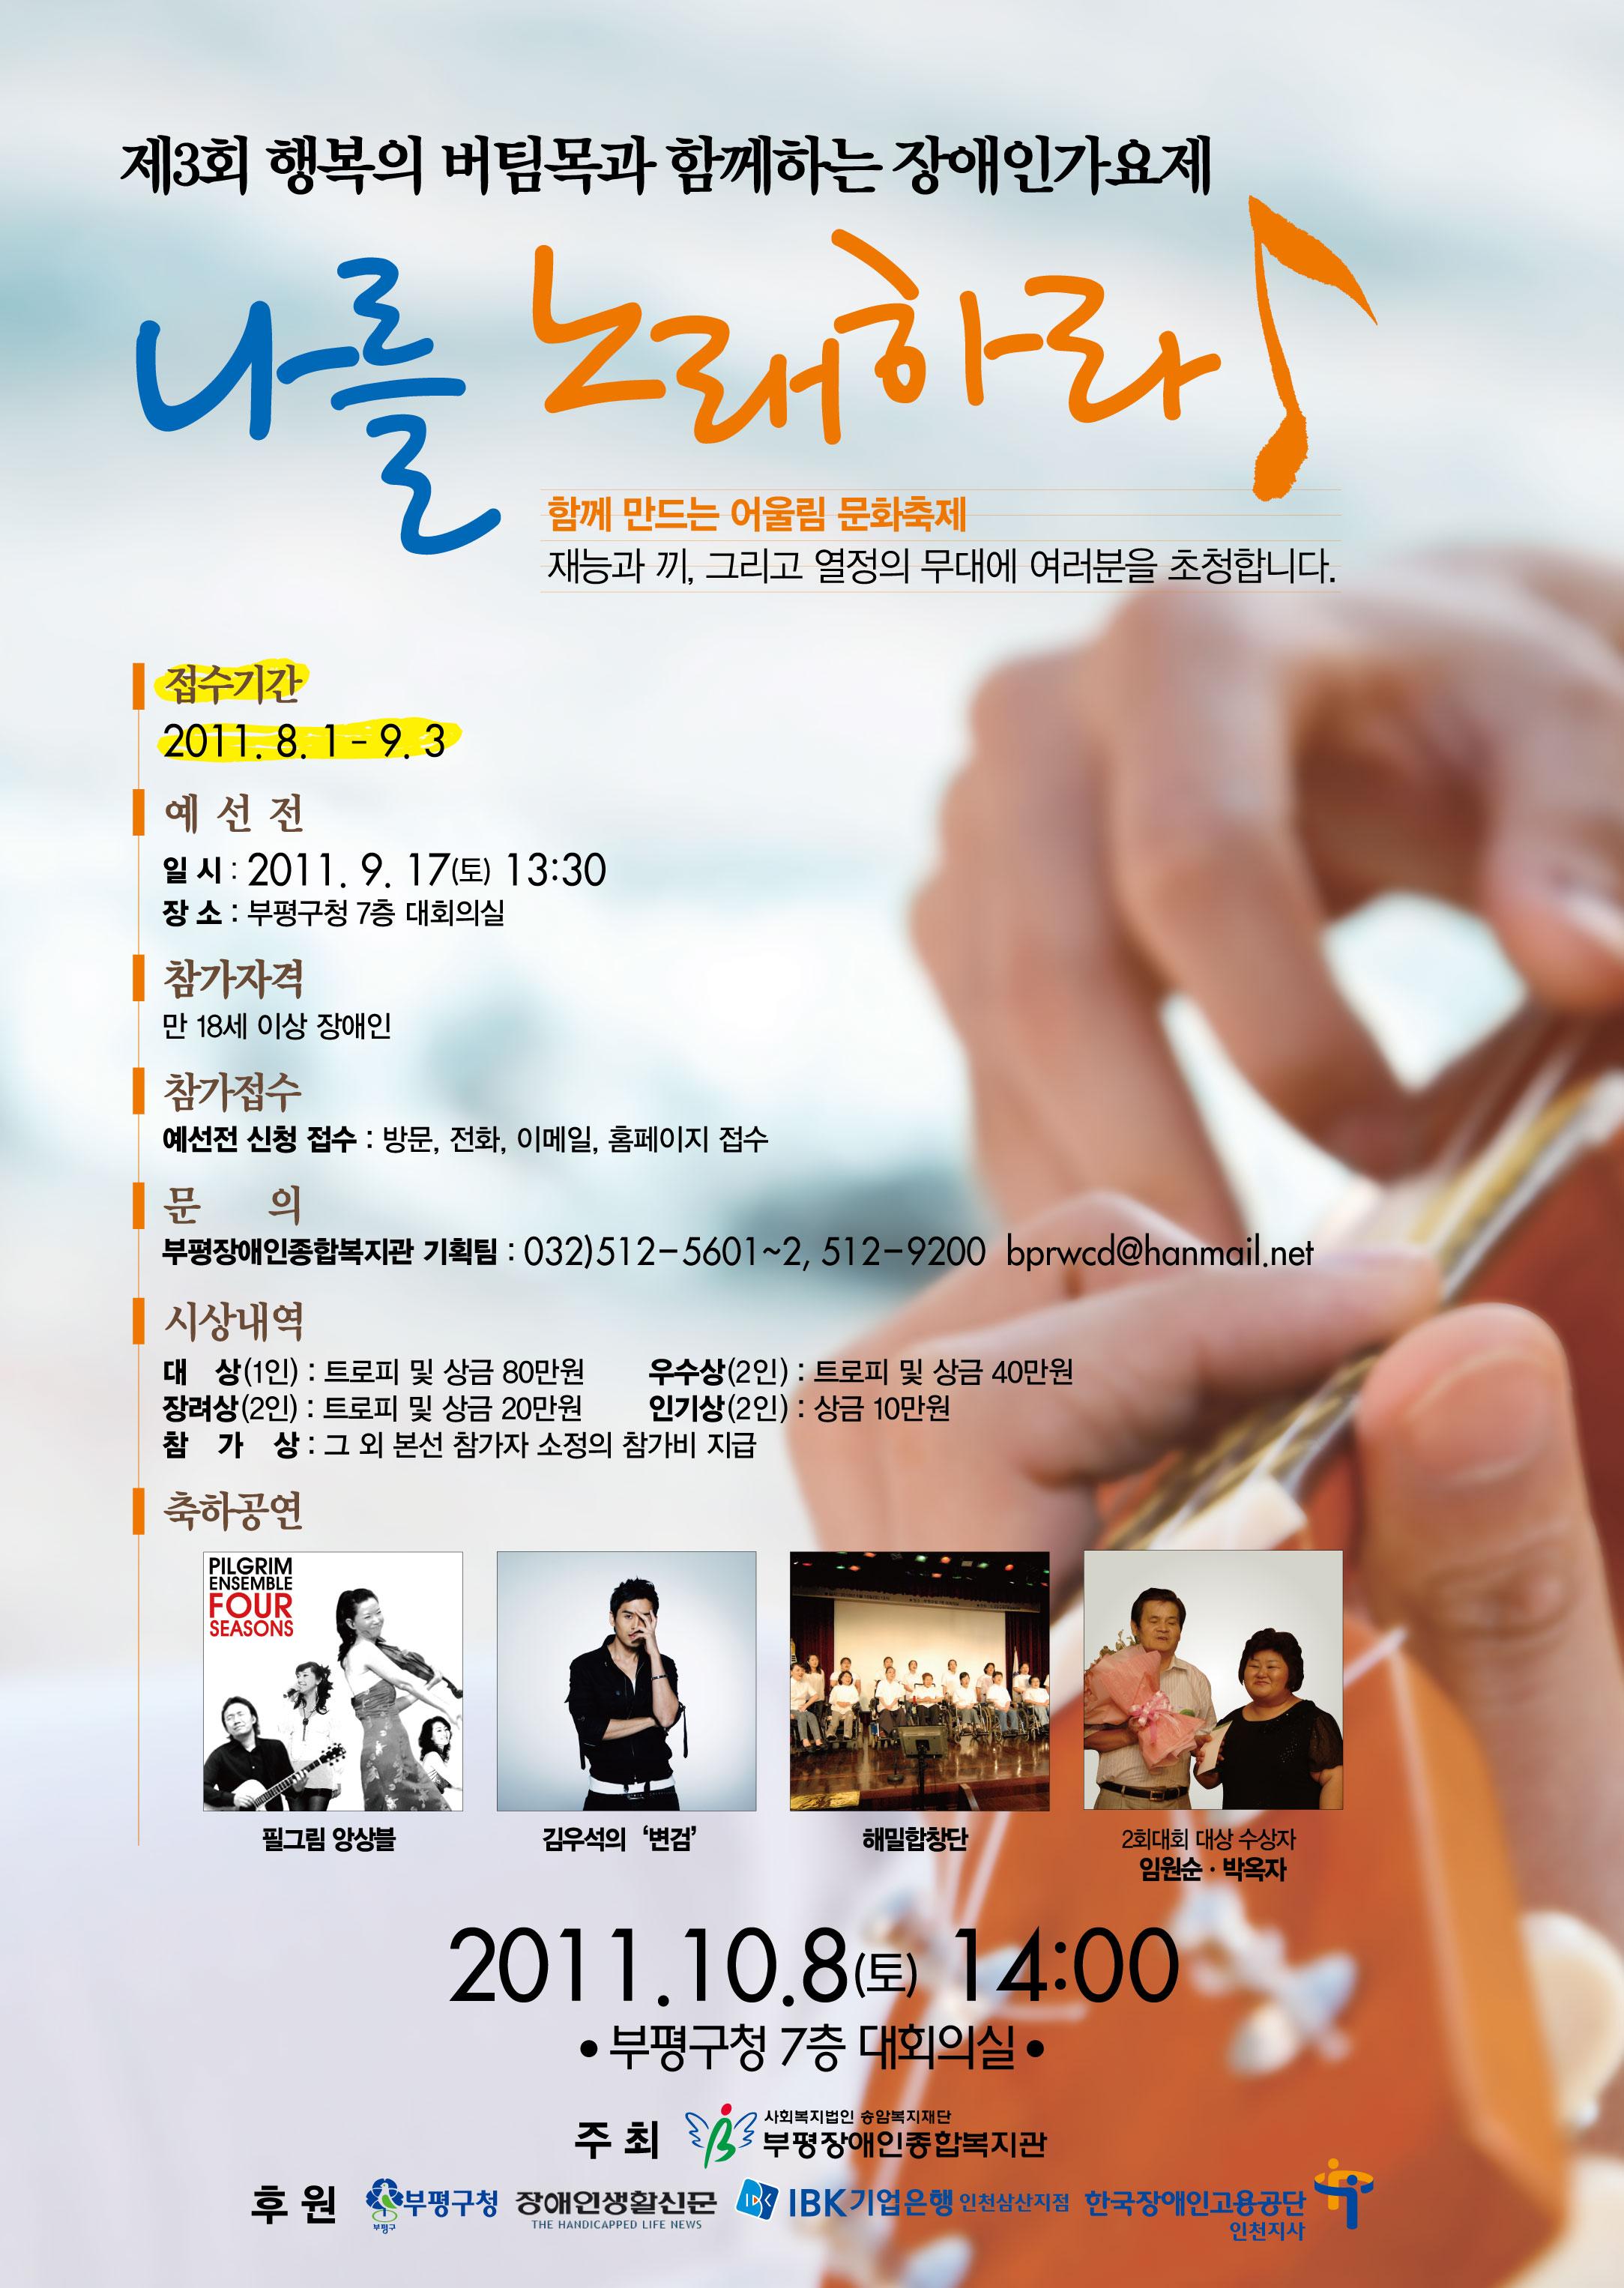 장애인가요제 포스터_2011.08.01_최종.jpg